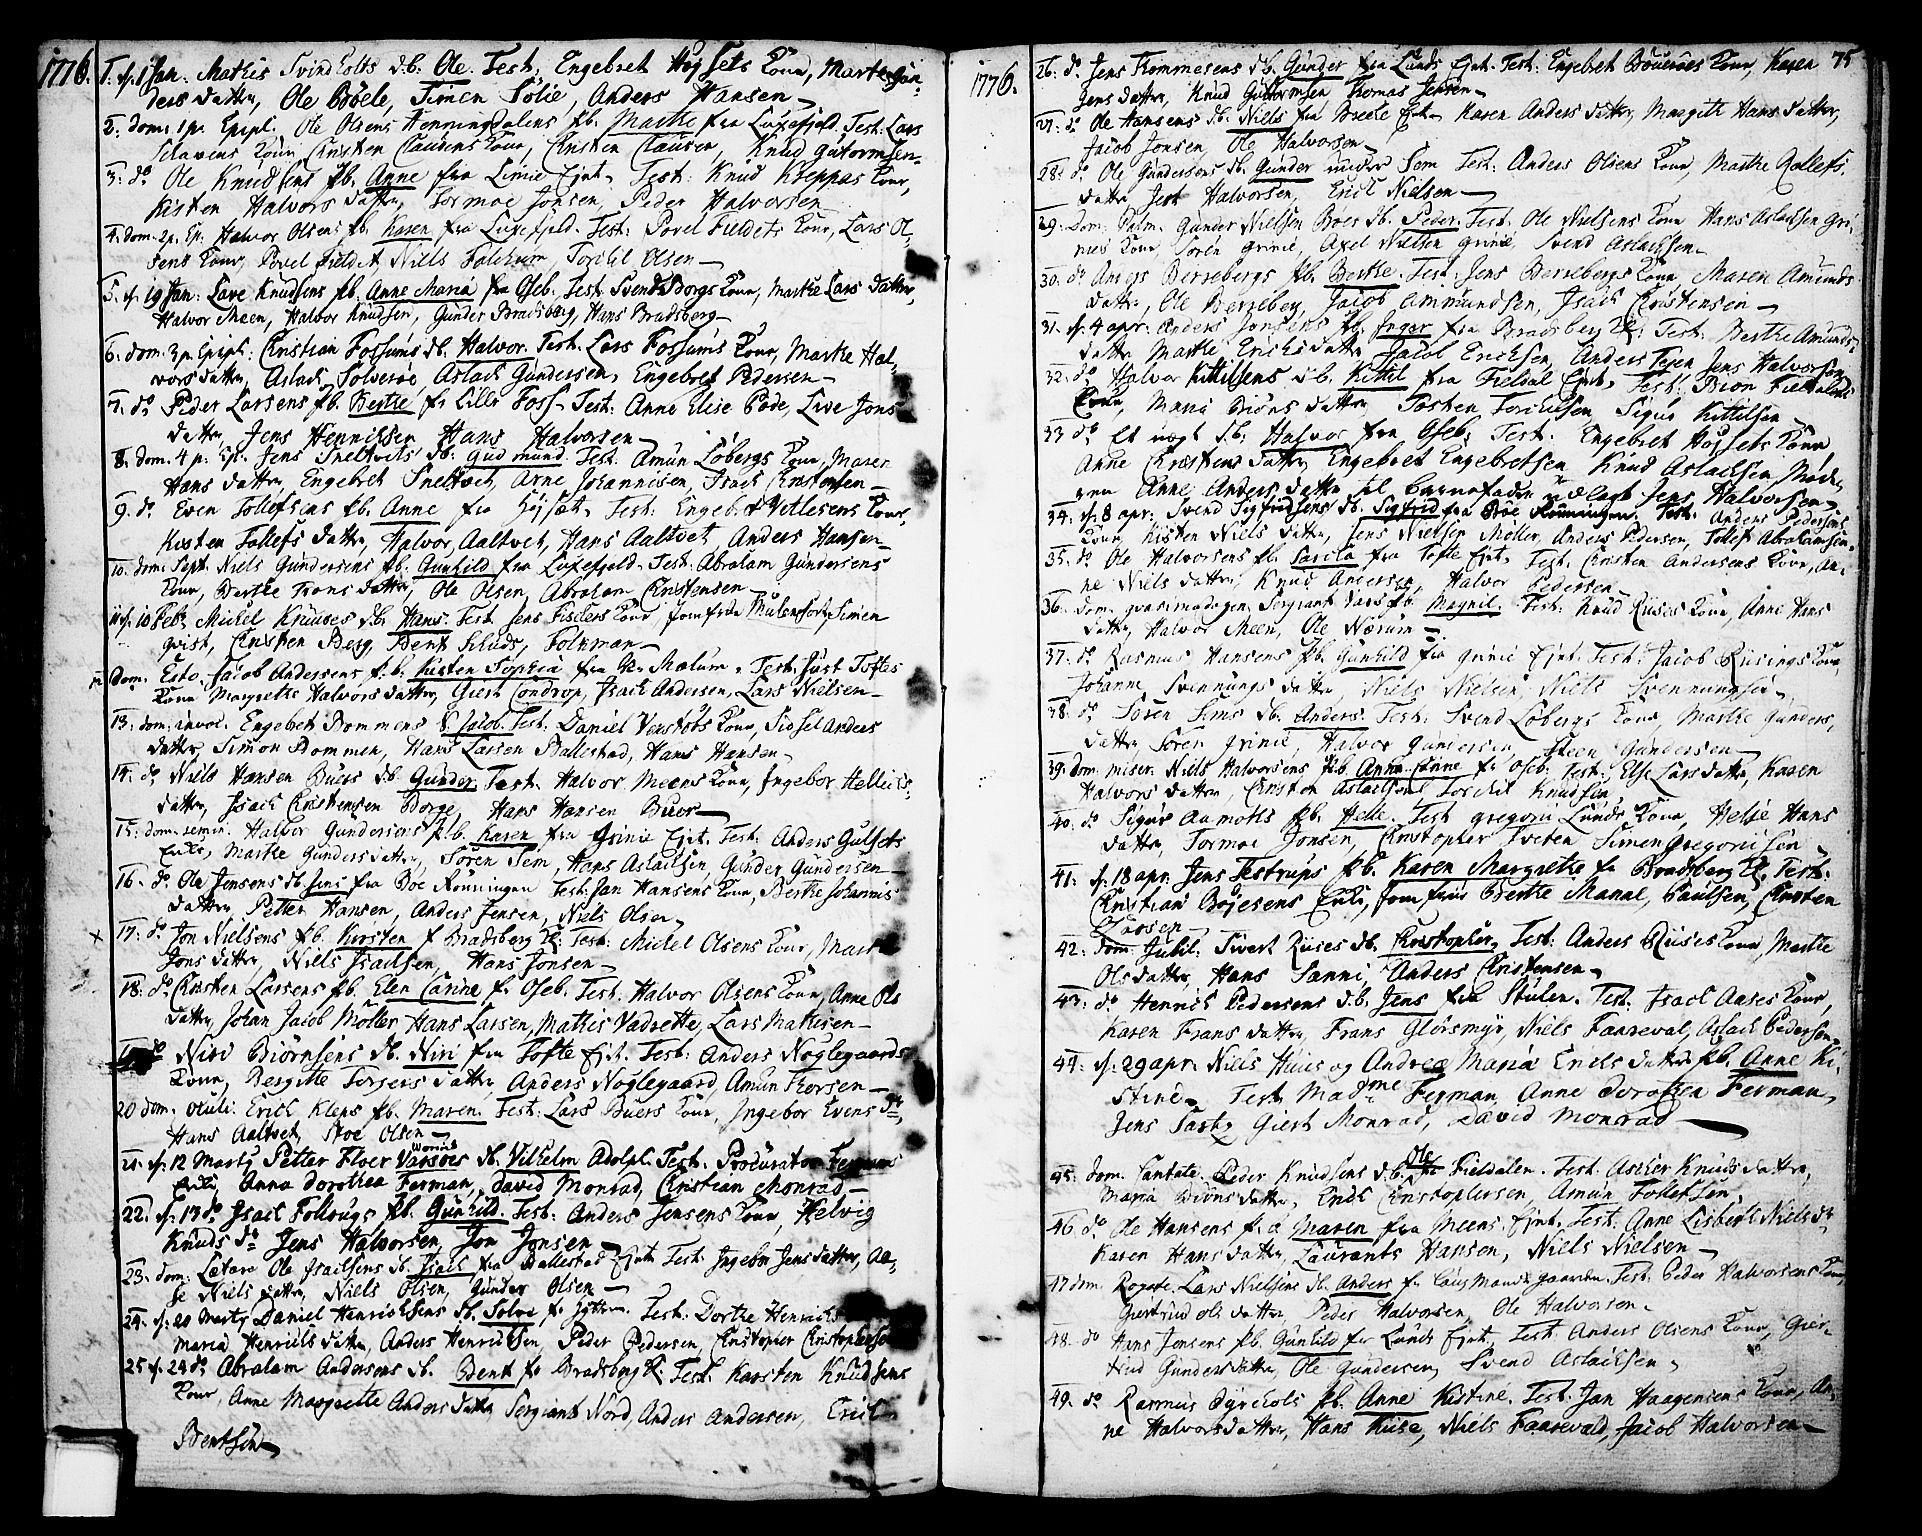 SAKO, Gjerpen kirkebøker, F/Fa/L0002: Ministerialbok nr. 2, 1747-1795, s. 75